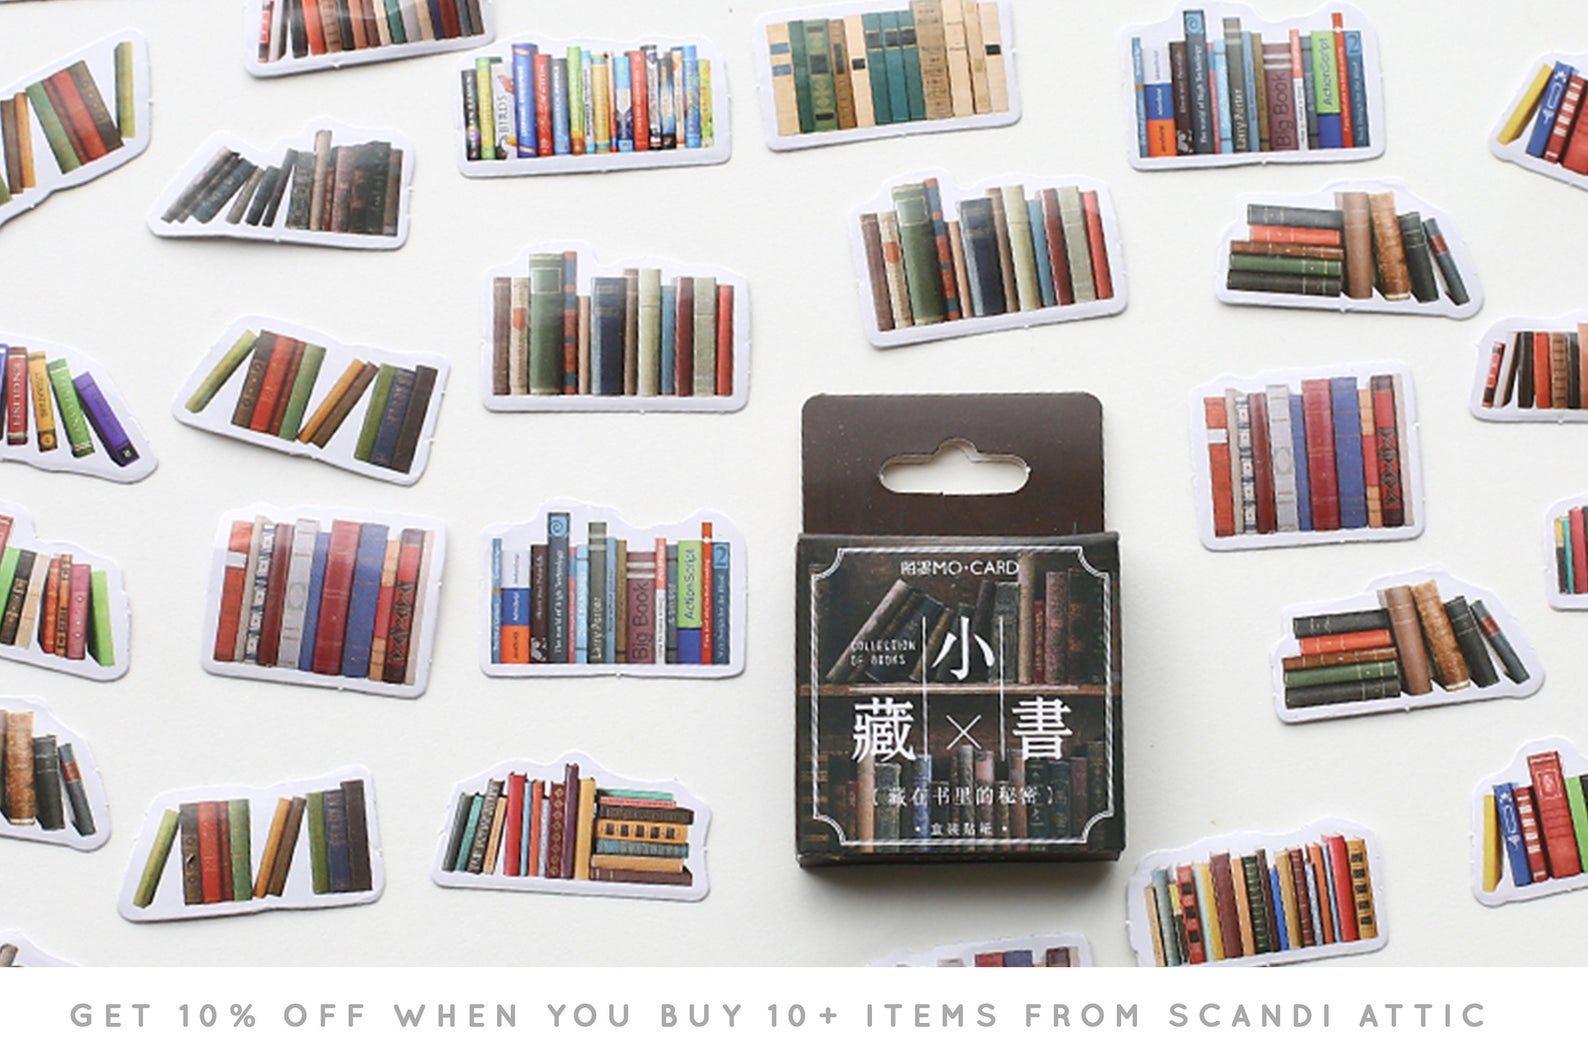 Assorted bookshelves